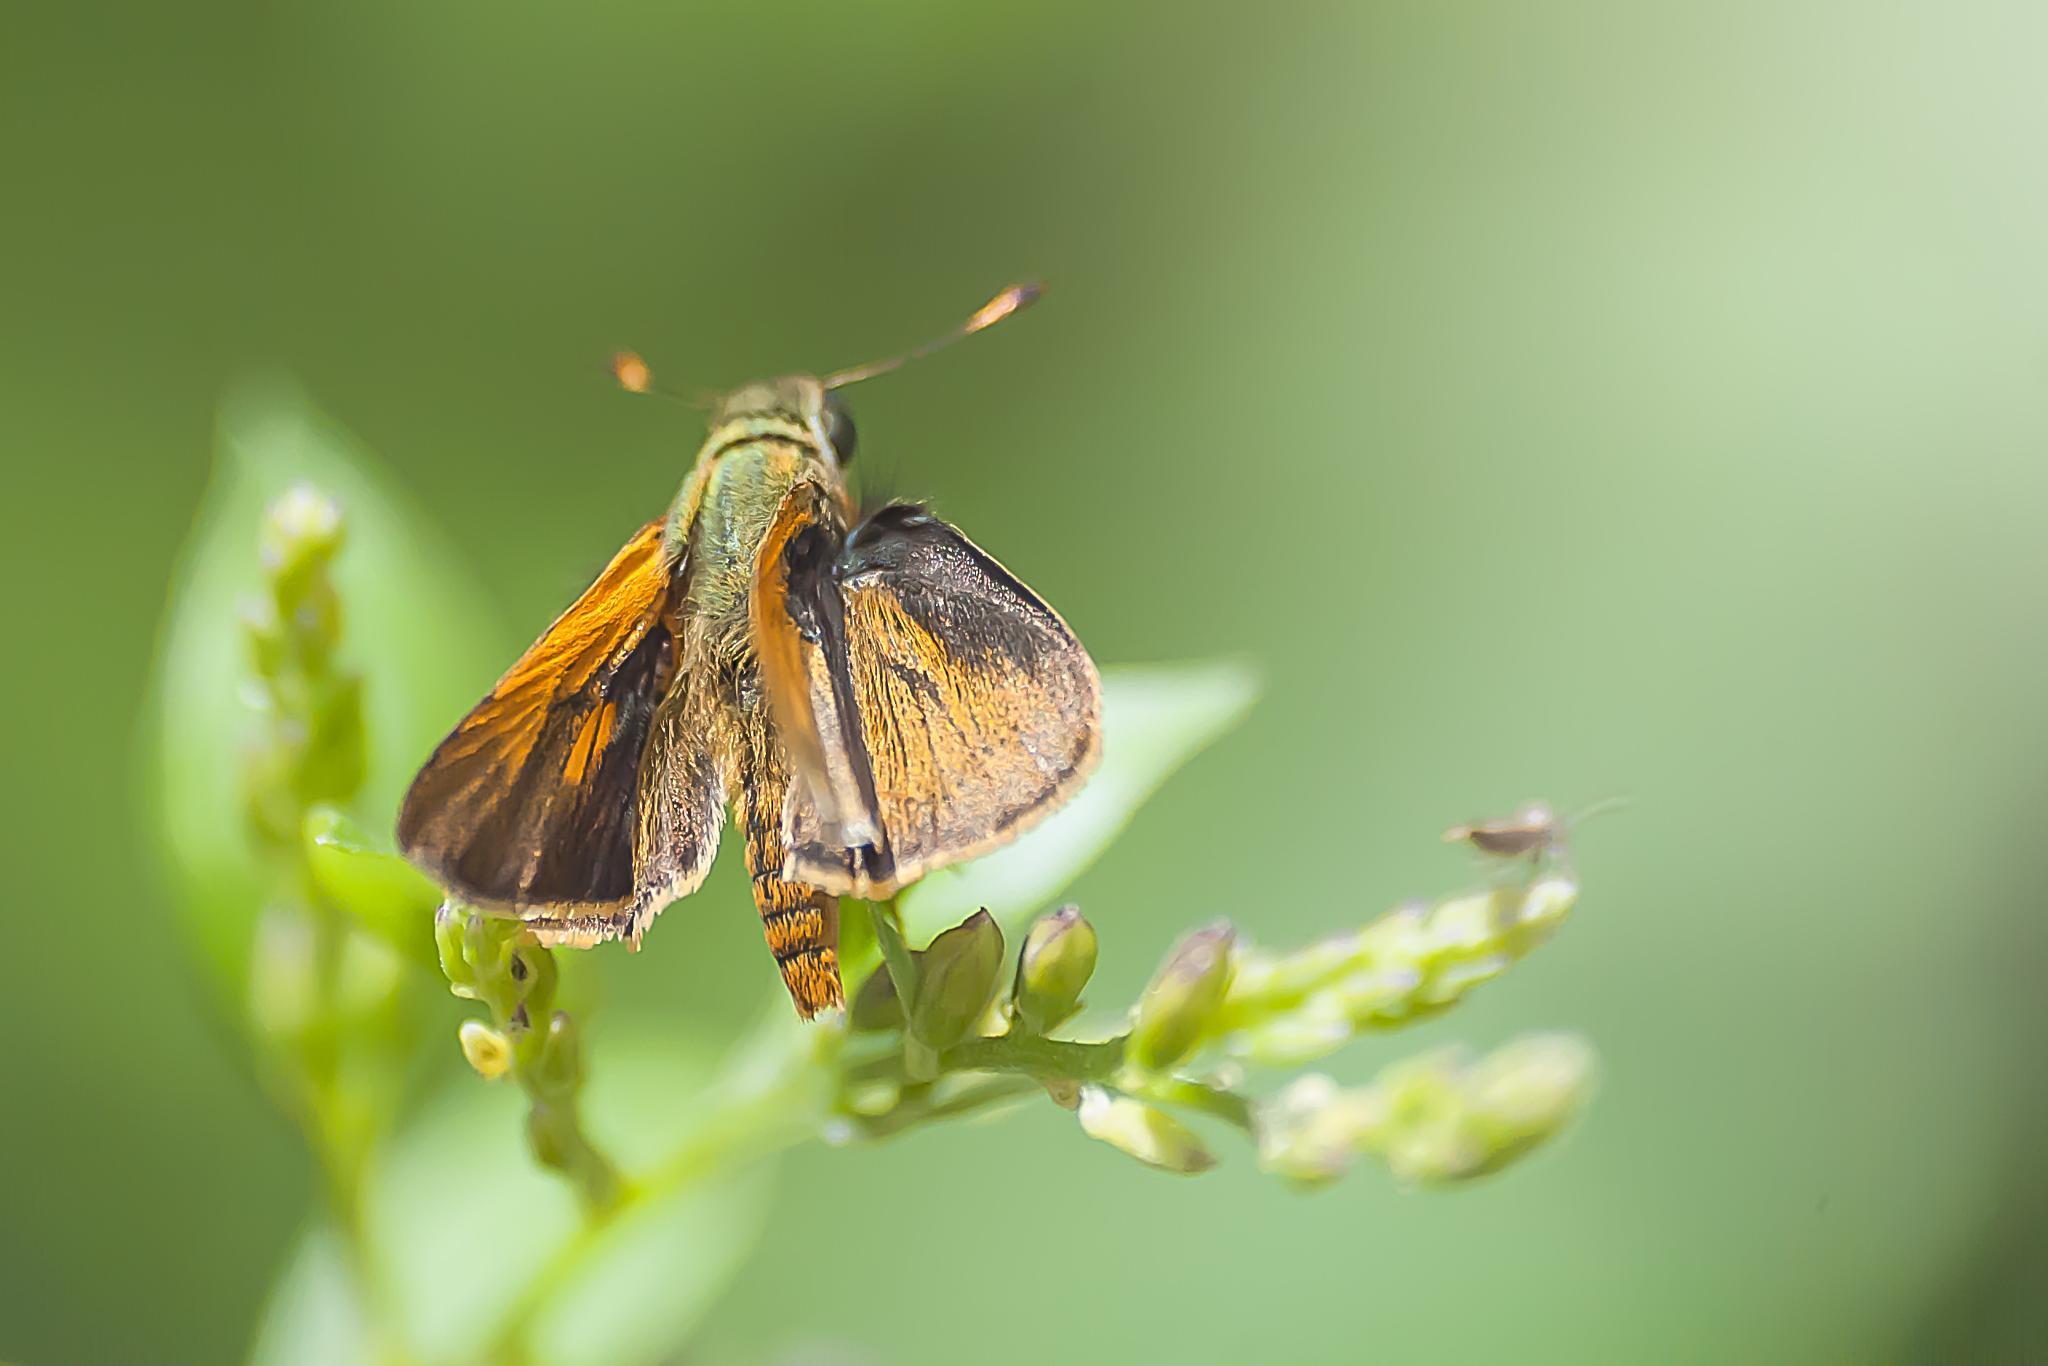 Moth or butterfly? by Tony Guzman